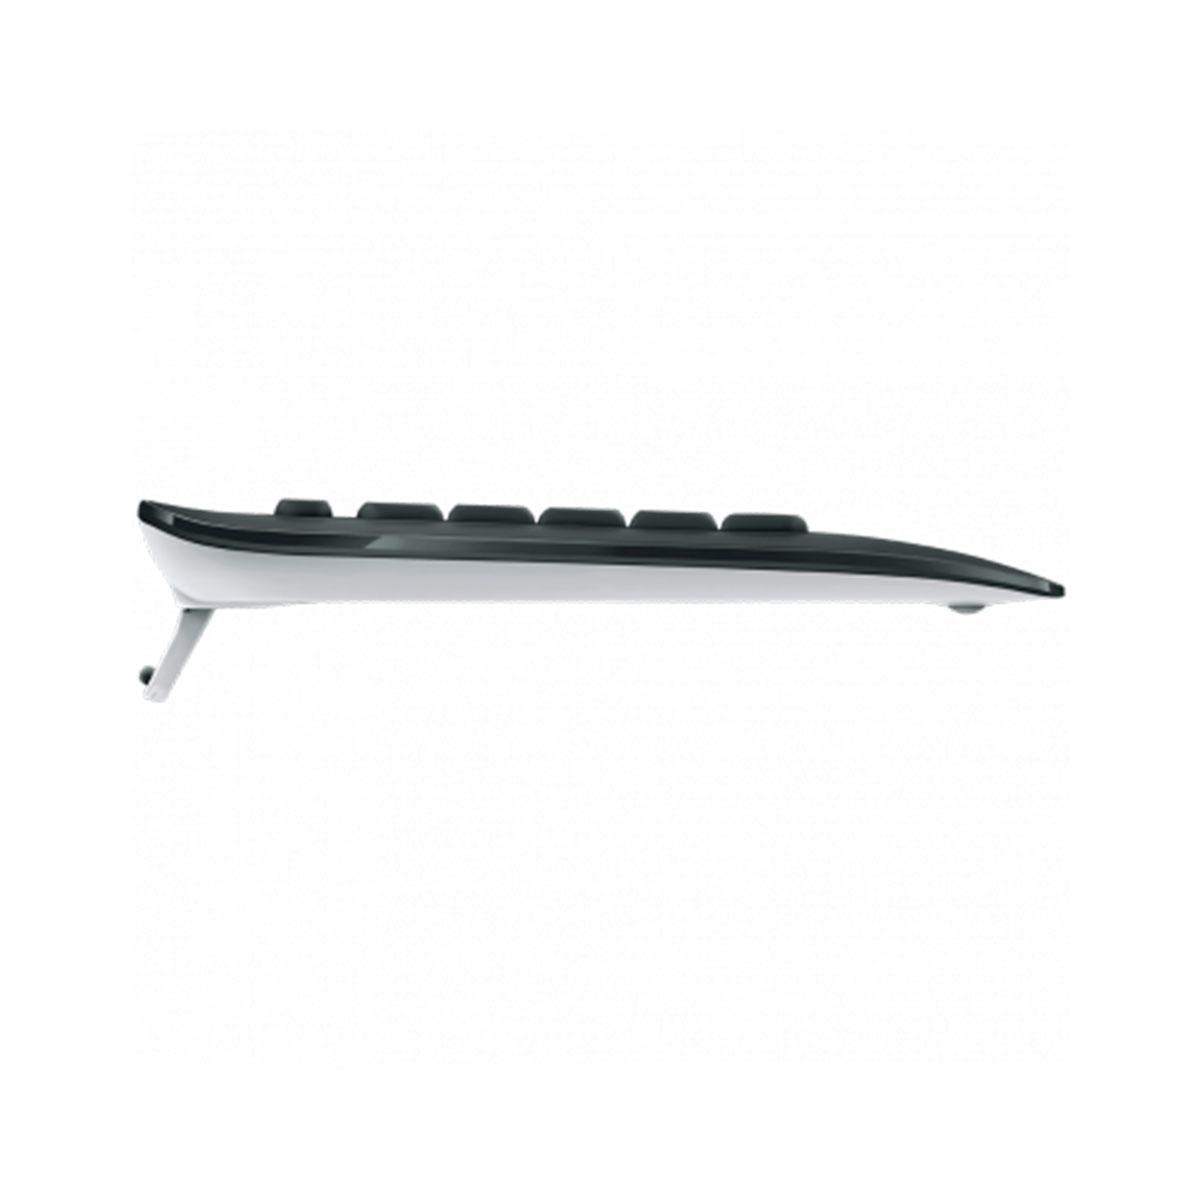 Kit Teclado e Mouse Logitech MK540, Advanced Wireless, ABNT2, USB, Preto